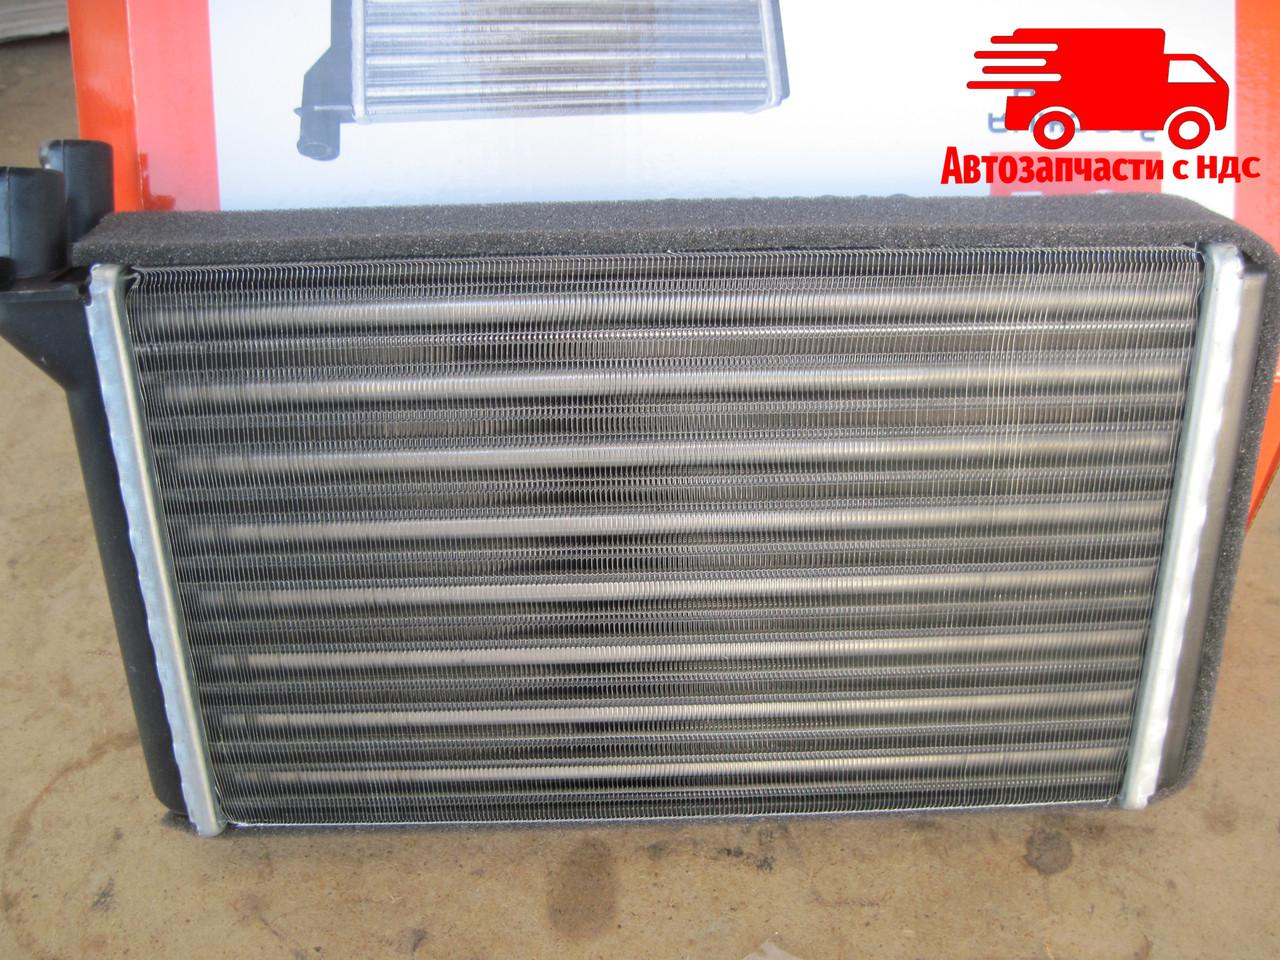 Радиатор отопителя (печки) ВАЗ 2110, 2111, 2112 (Дорожна Карта). 2110-8101060  Ціна з ПДВ